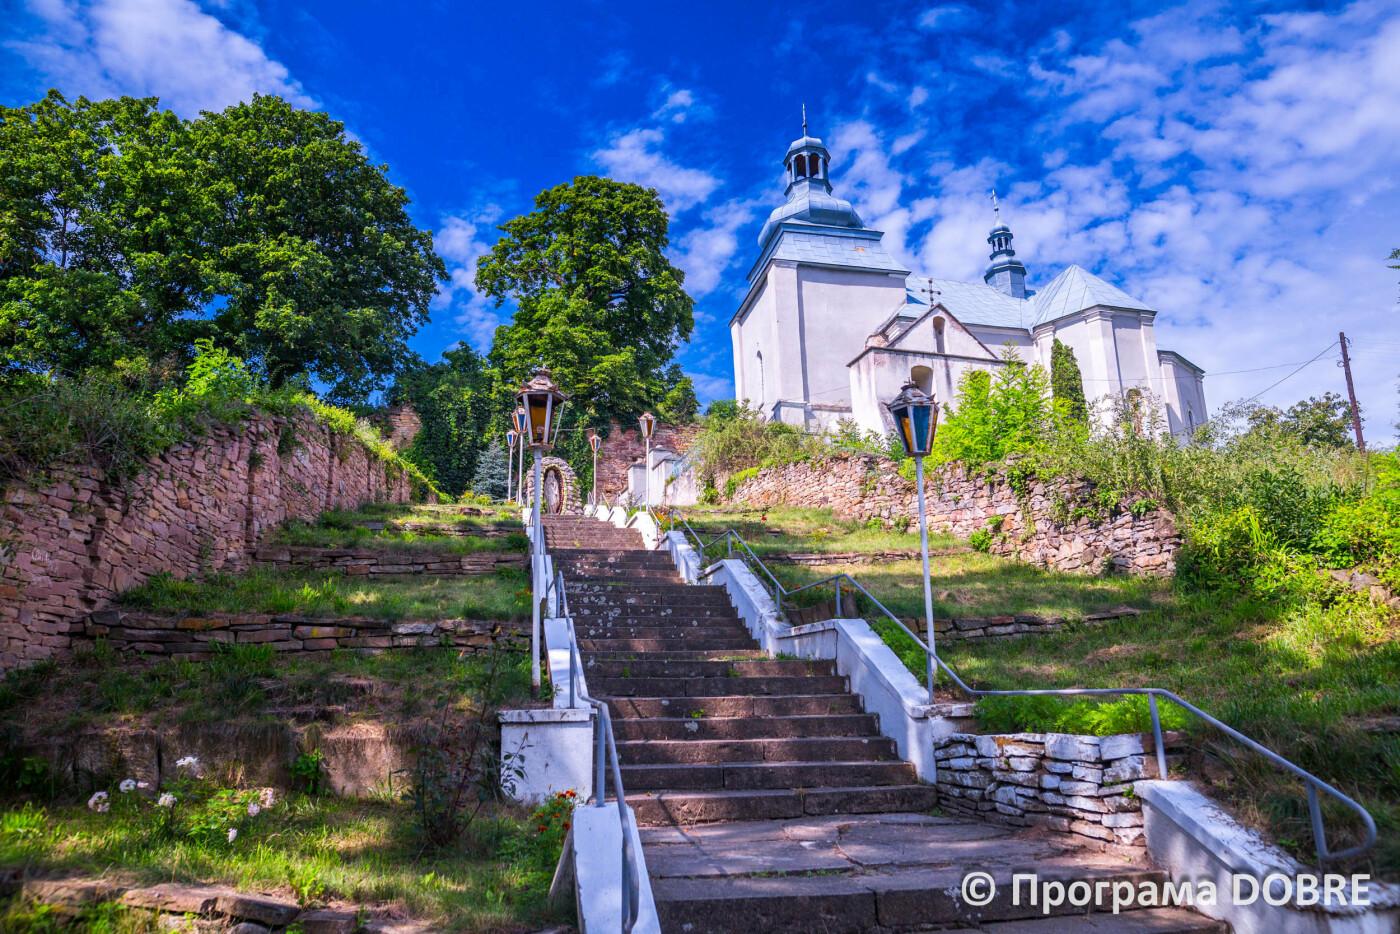 """""""Музей на дереві та нічні екскурсії на цвинтар"""": як громаді на Тернопільщині вдалося привабити туристів (ФОТО), фото-4"""